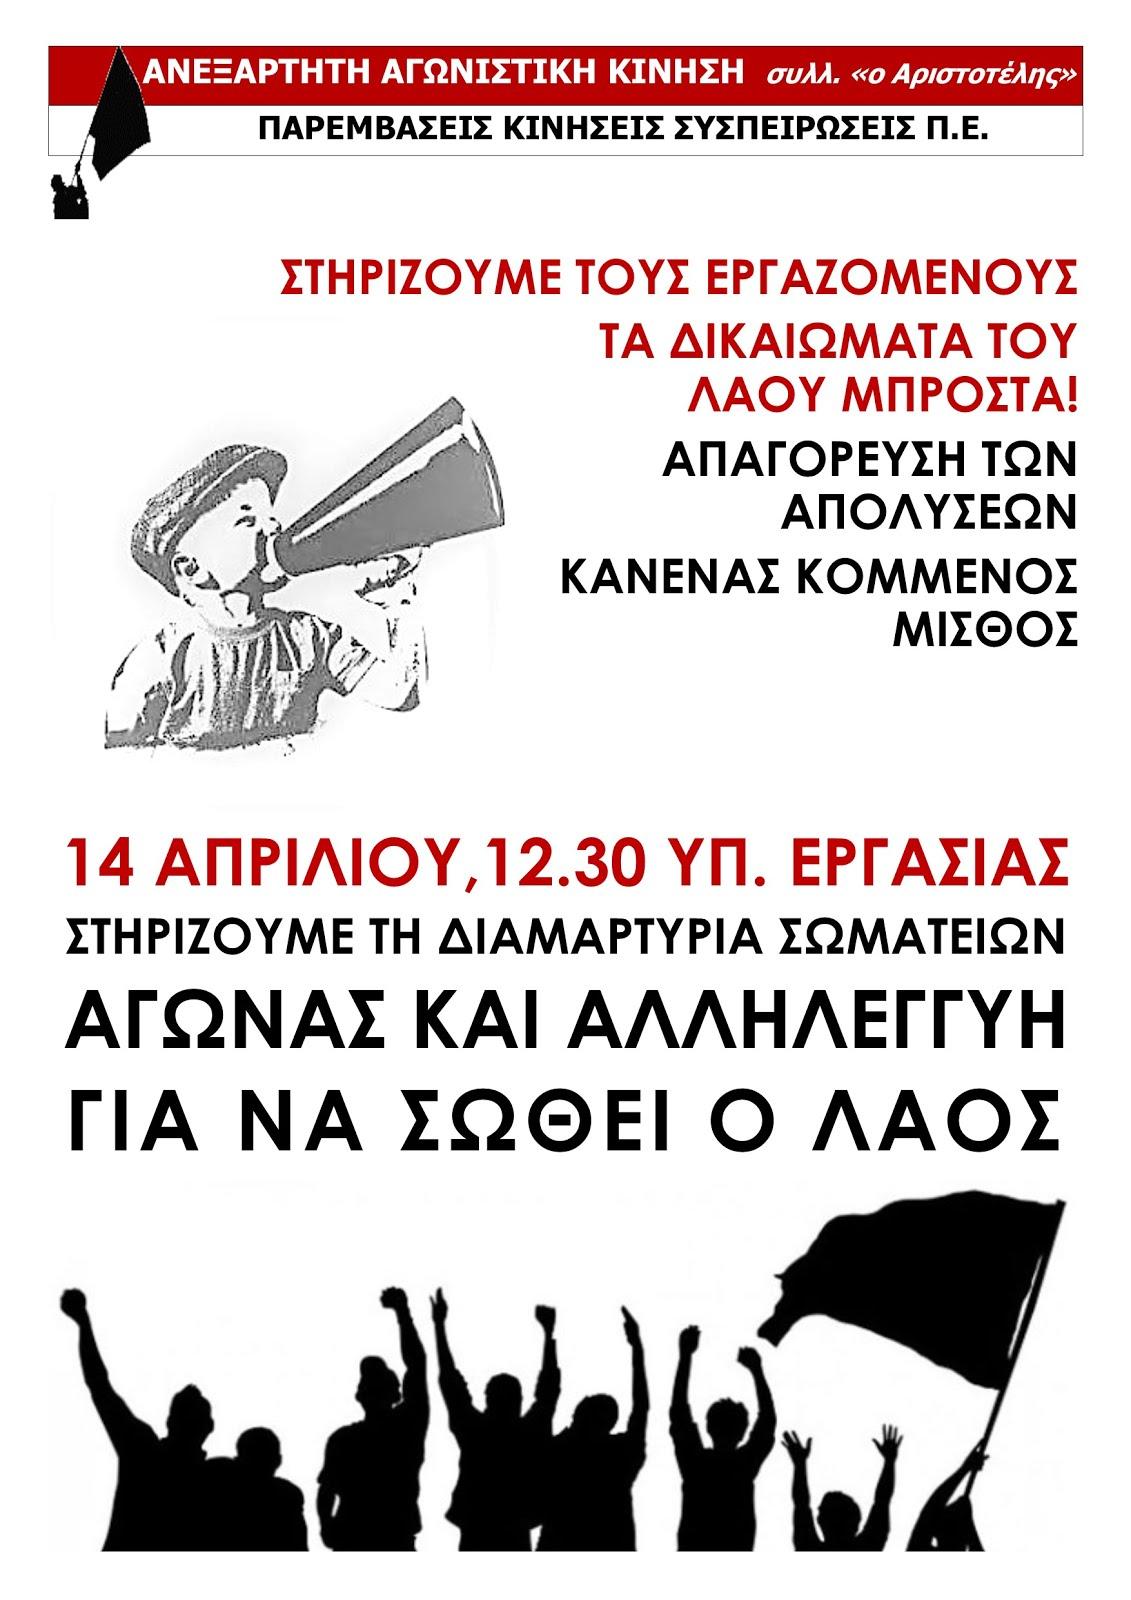 14 Απριλίου - Ημέρα δράσης σωματείων. Τα δικαιώματά μας δεν μπαίνουν σε καραντίνα